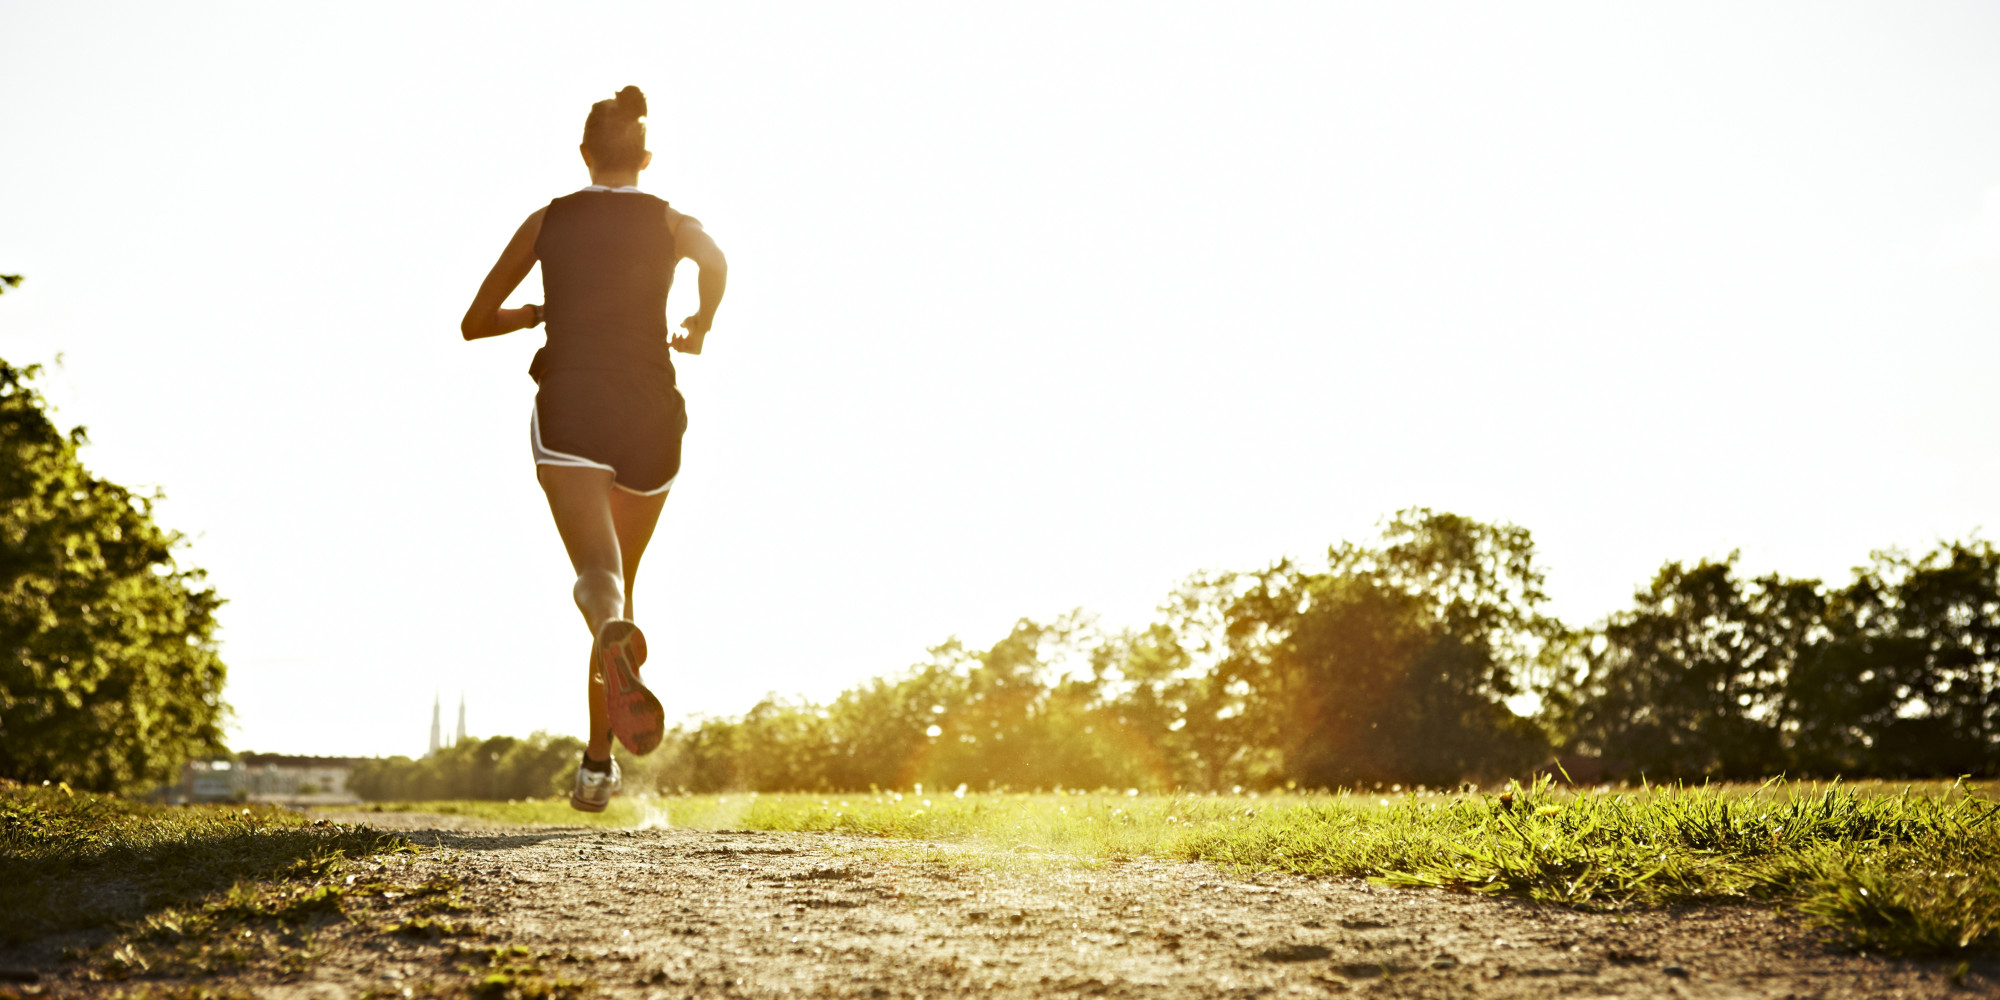 ¿Se pueden evitar las lesiones practicando running?